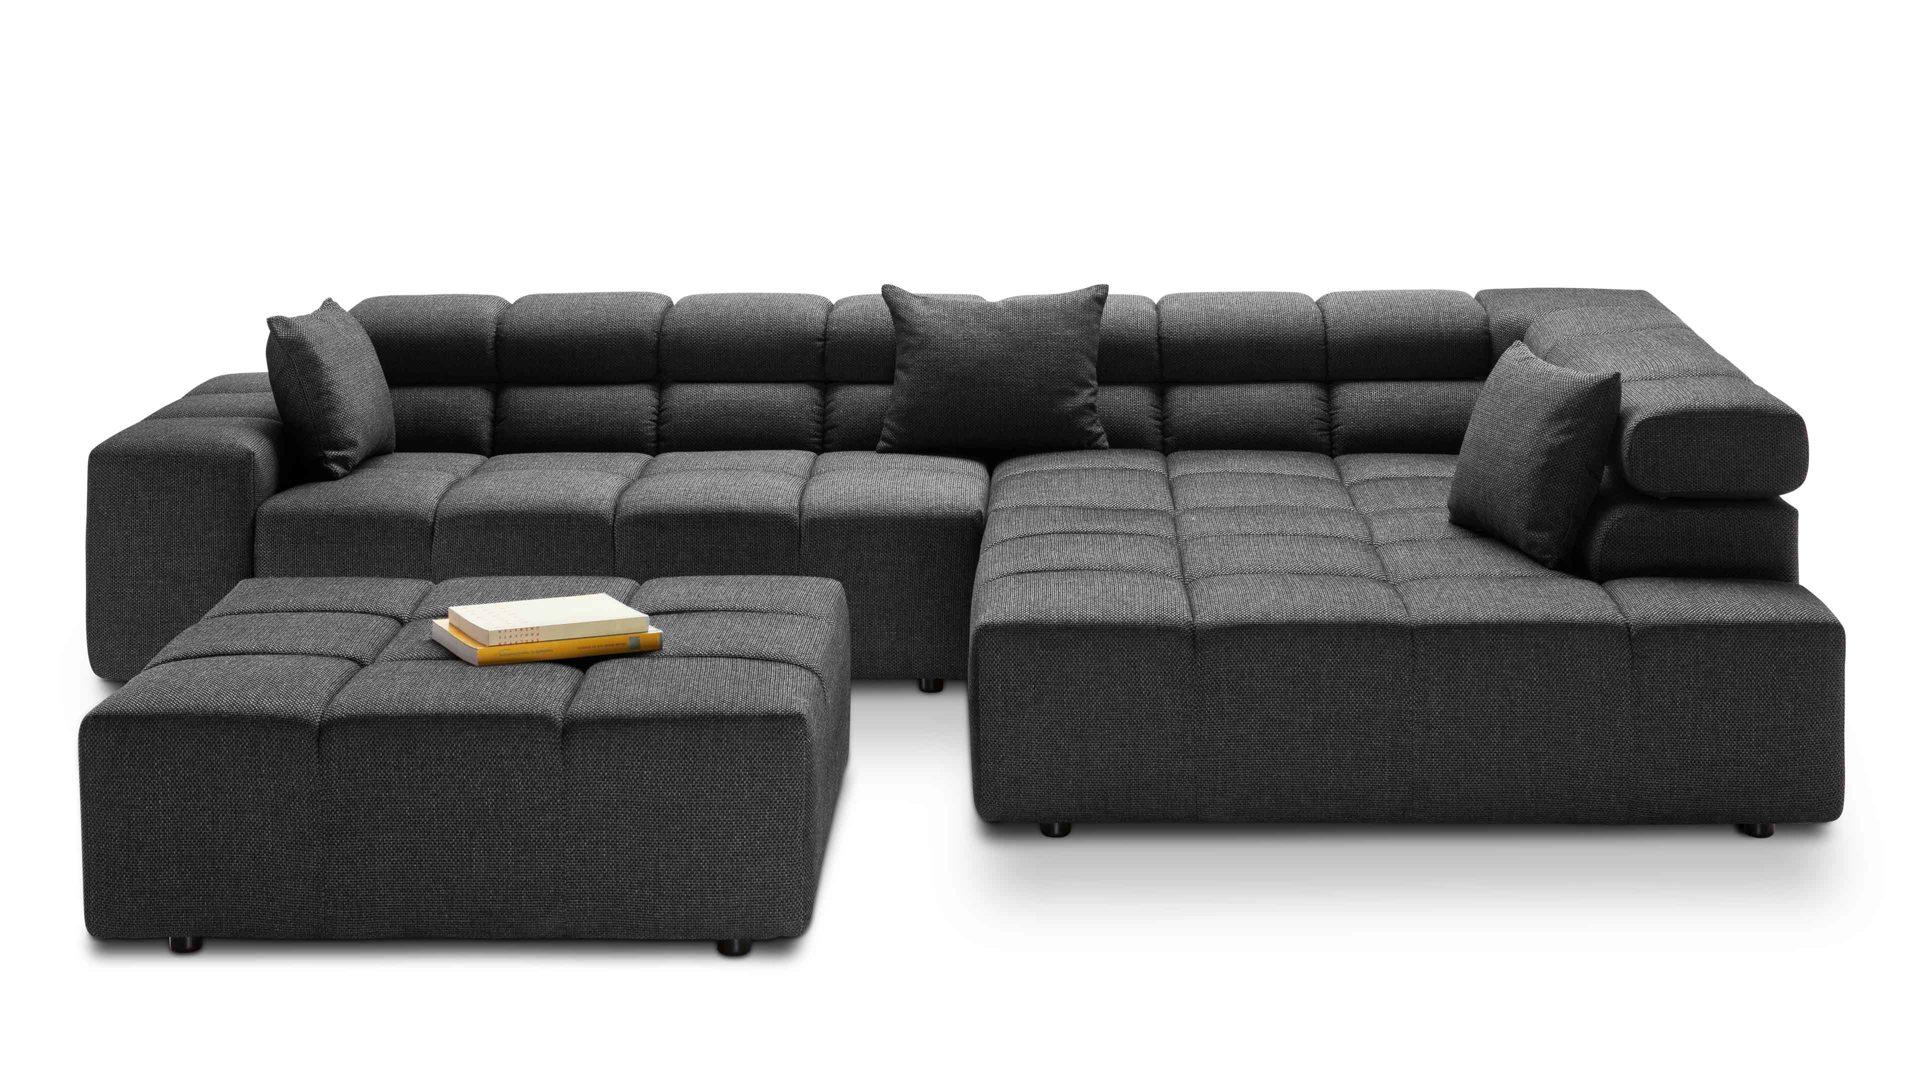 Sofakultur Lounge Ecksofa Ecksofa Sitzmöbel Und Liegemöbel